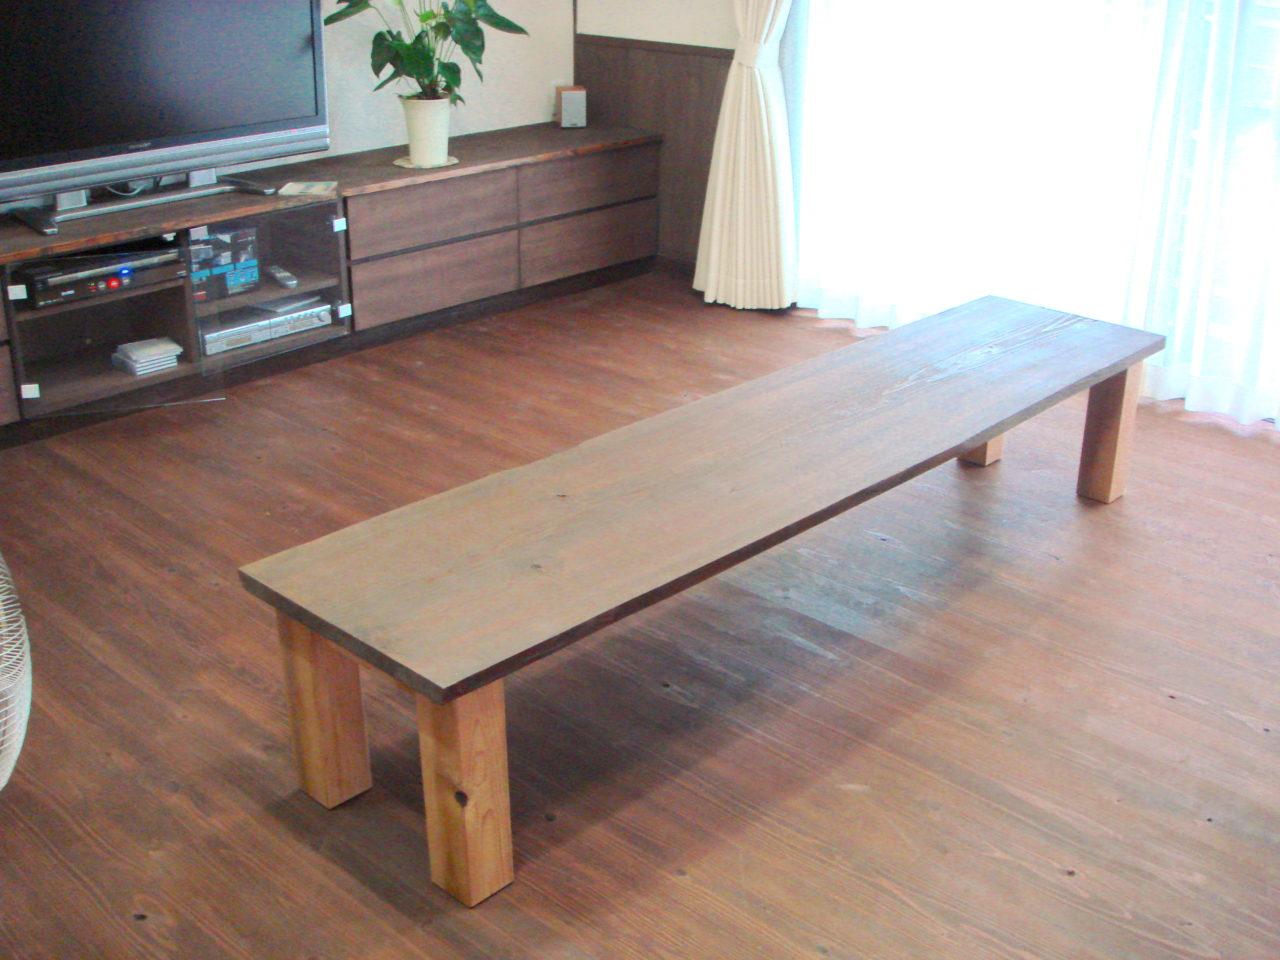 オーダーメイドなら家具をまわりの雰囲気に合わせてつくれます